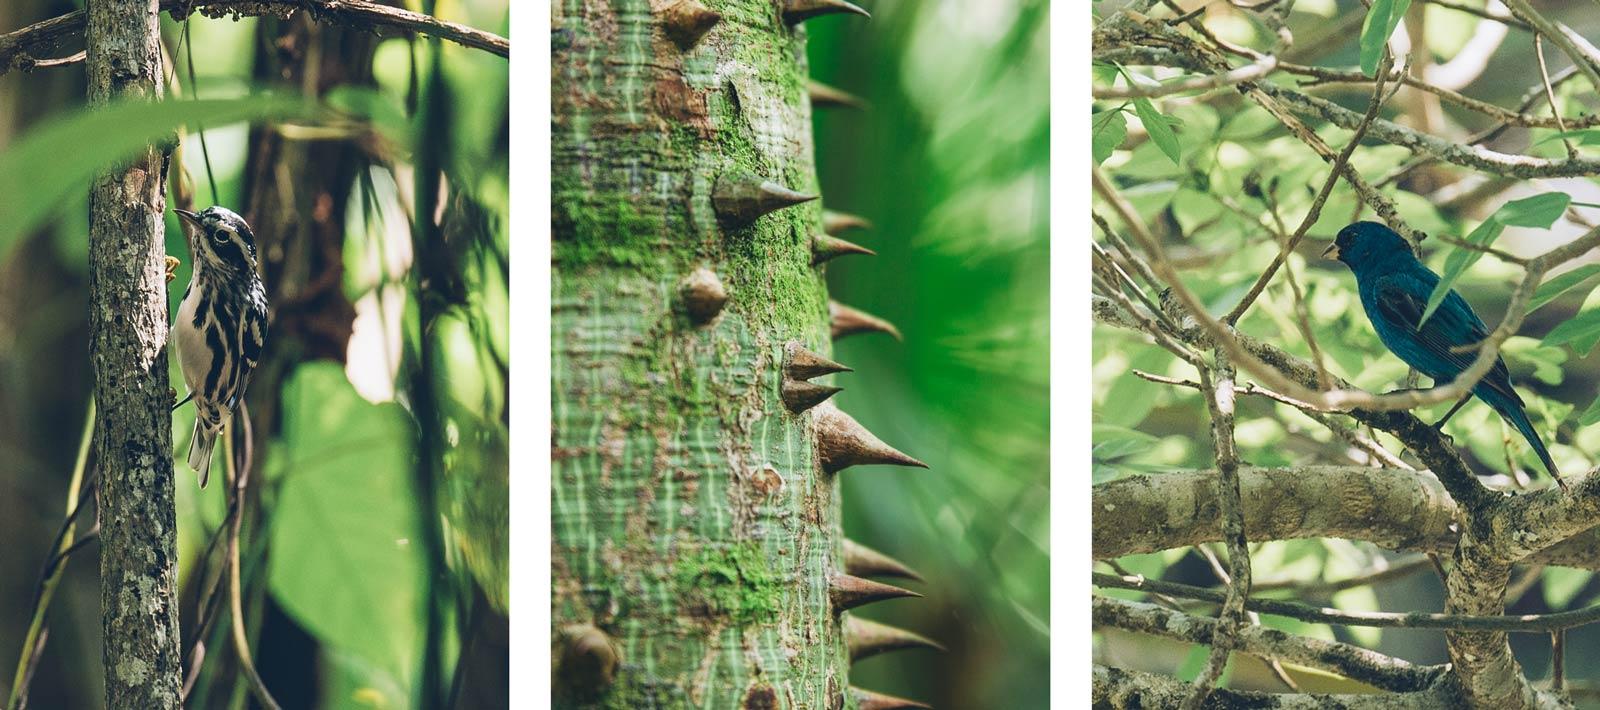 Réserve naturelle Sian Kaan, Tulum, Mexique